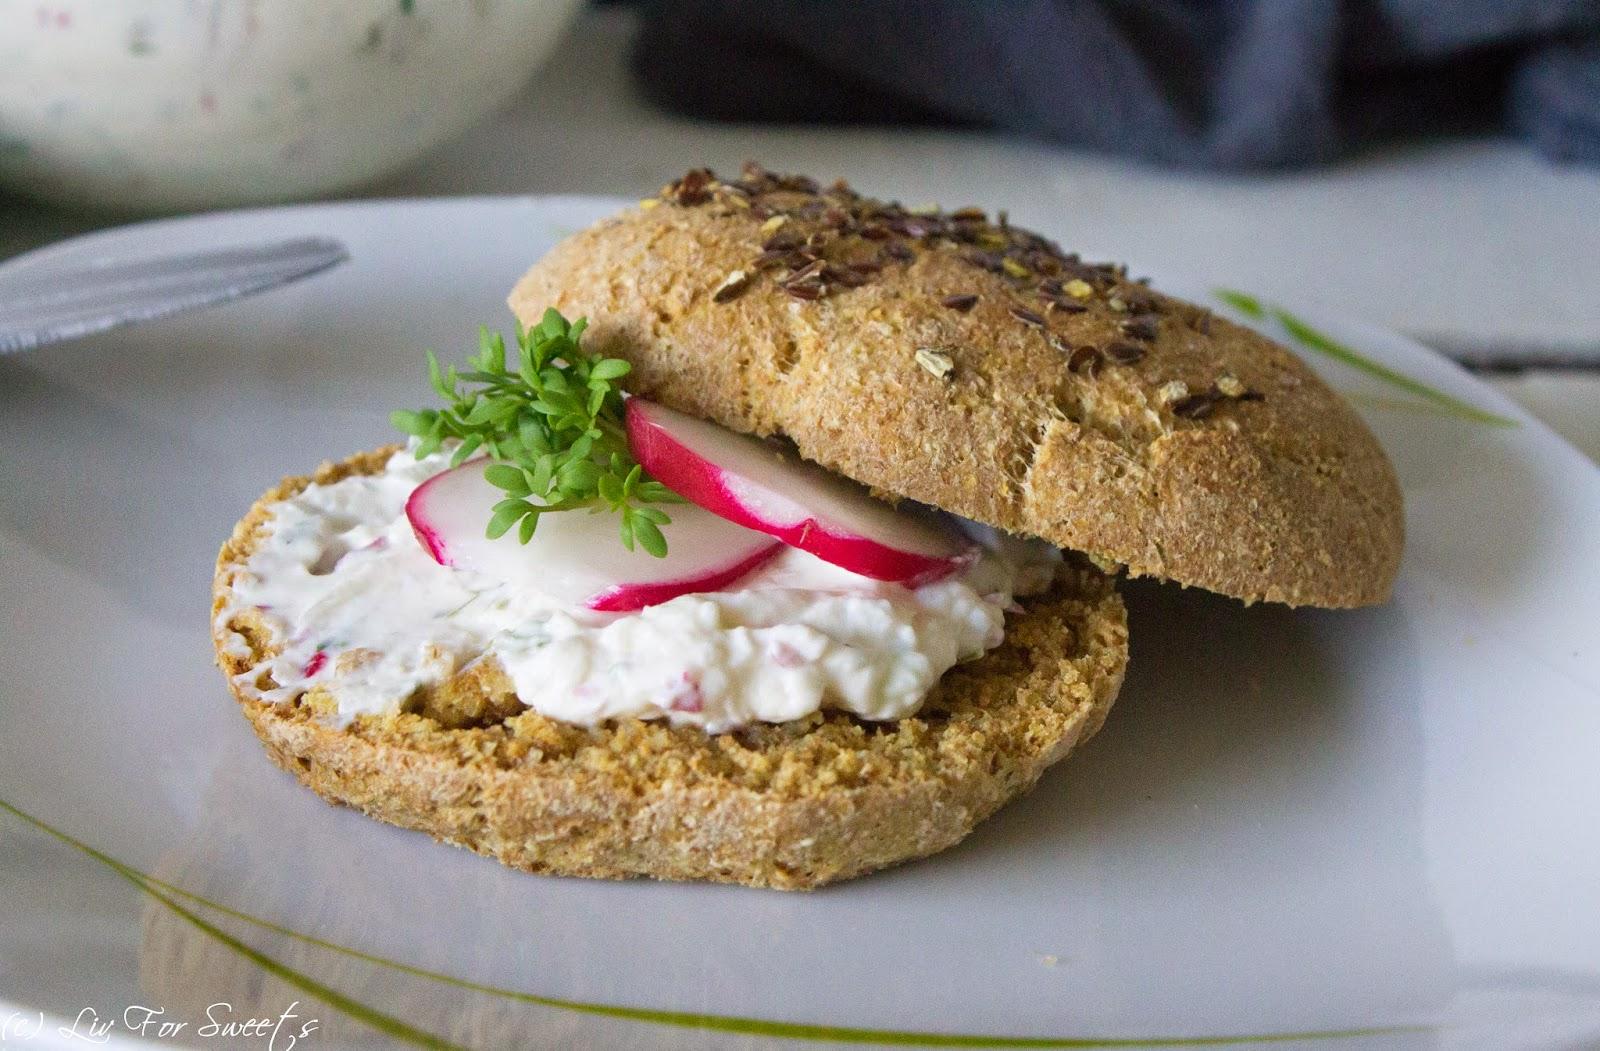 Dinkel Vollkorn Brötchen Radieschen Kresse Frischkäse, Frühstück, Osterfrühstück, Ostern, Rezept, Thermomix